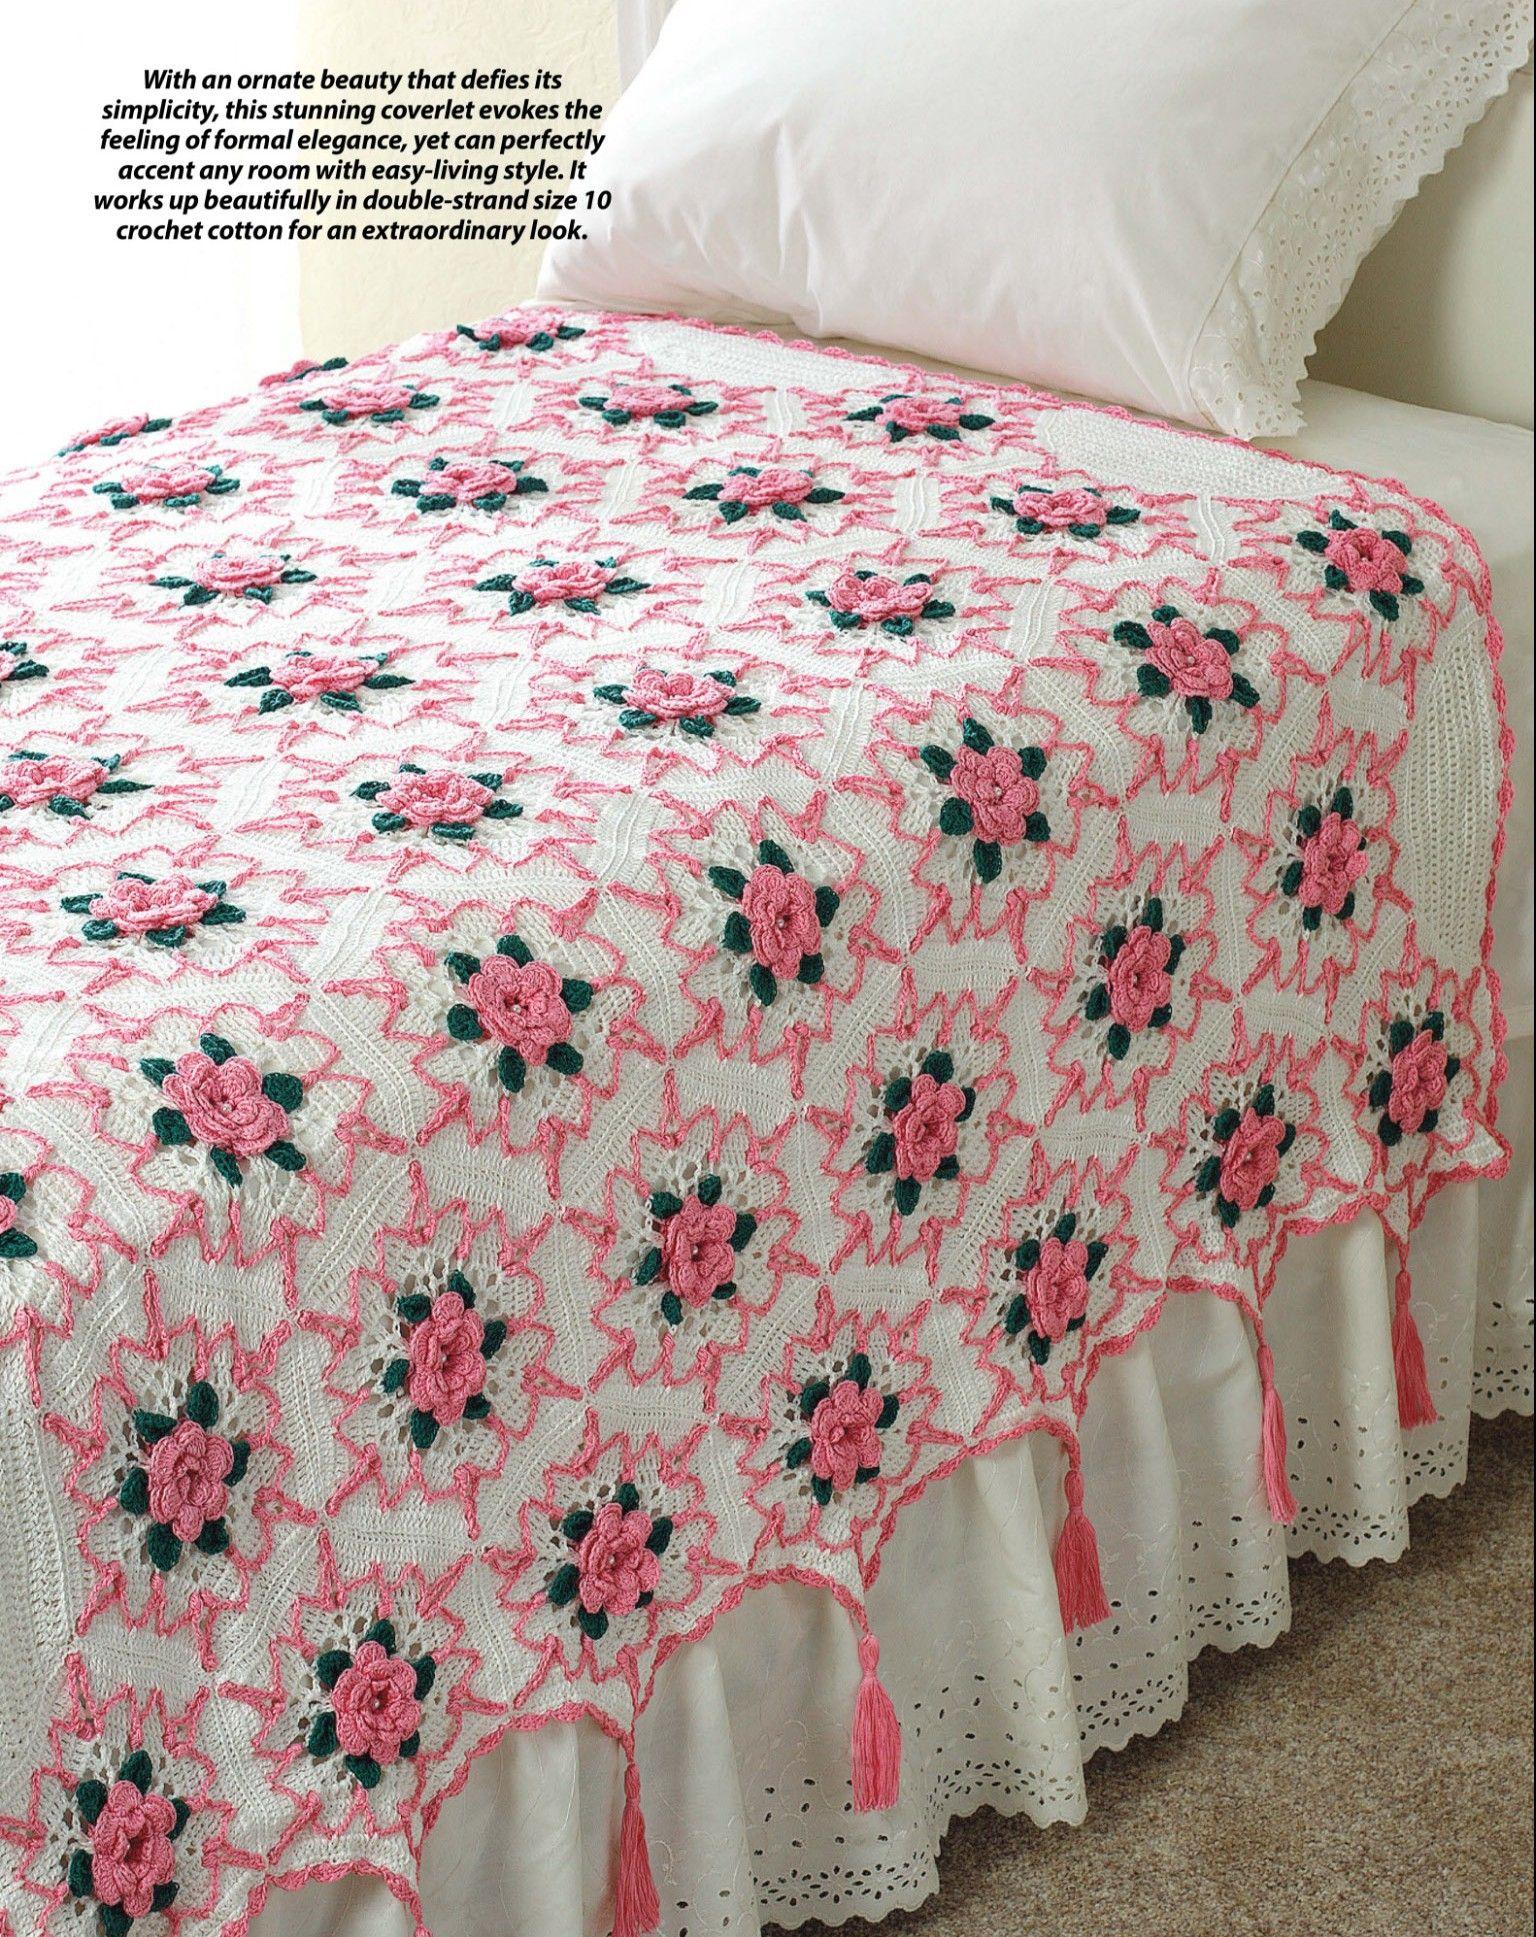 Crochet rose splendor bed coverlet crochet bedspreads rose splendor heirloom afghan throw to crochet blanket pattern sheet bankloansurffo Choice Image